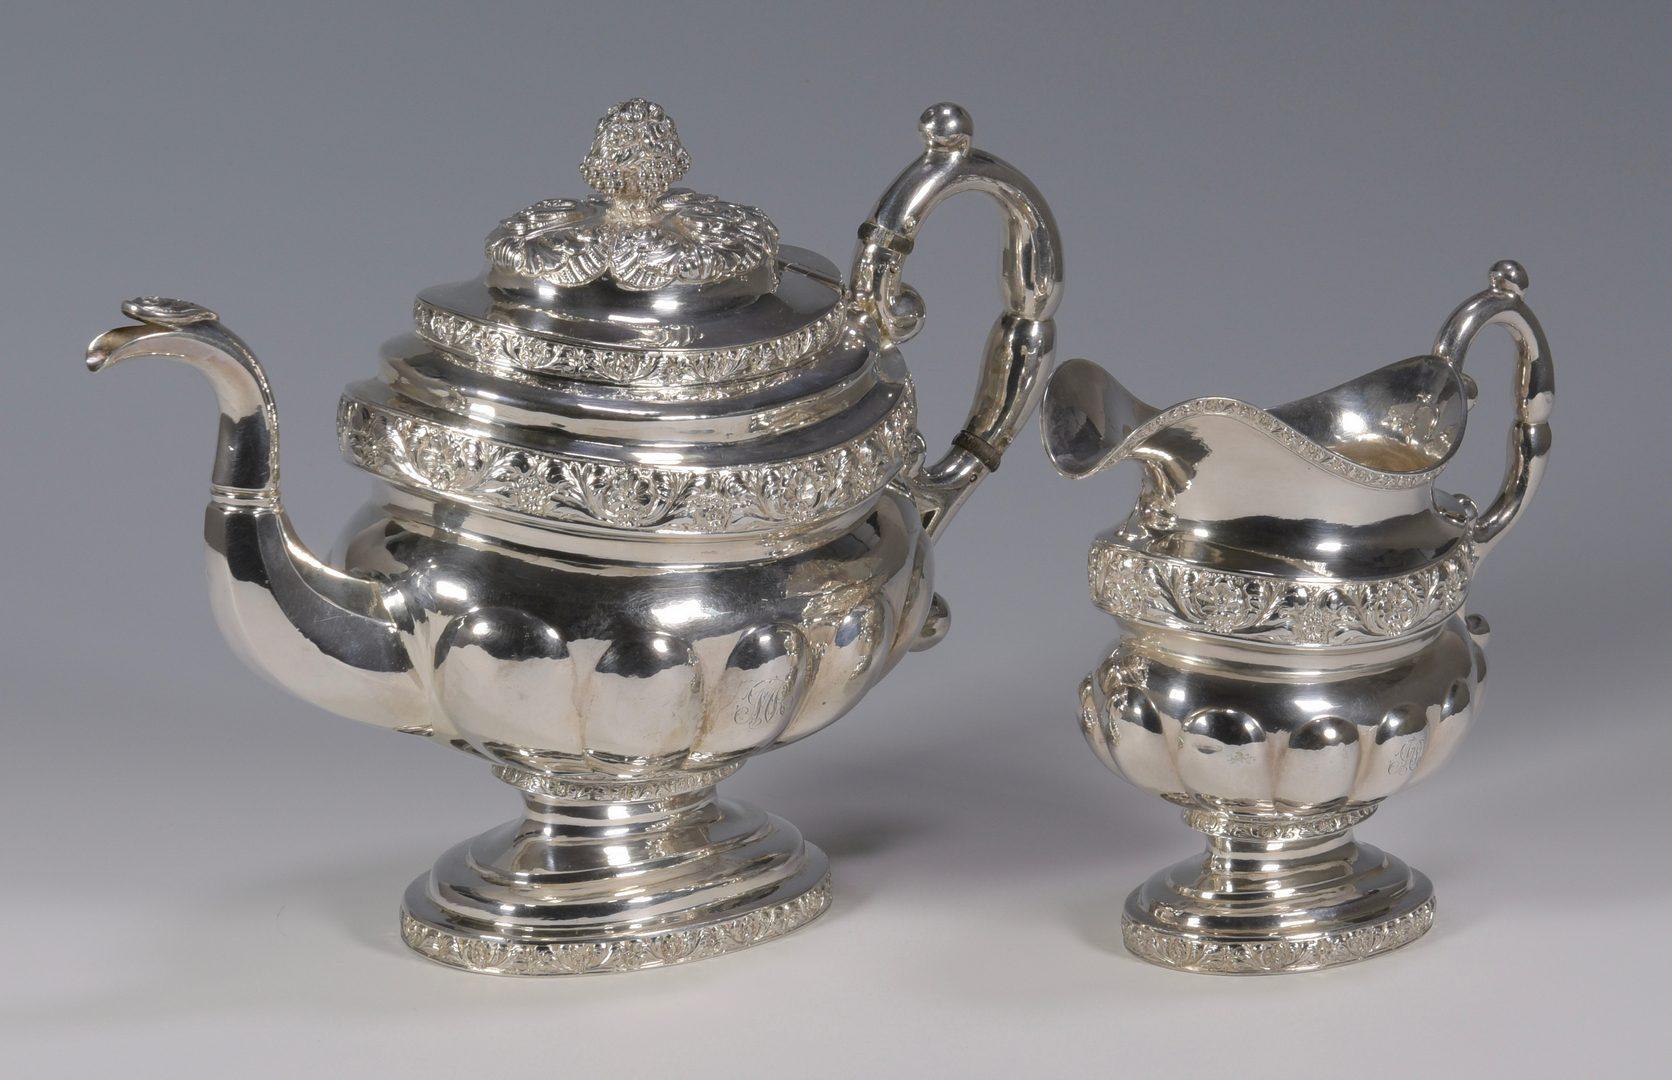 Lot 148: New York Coin silver tea service